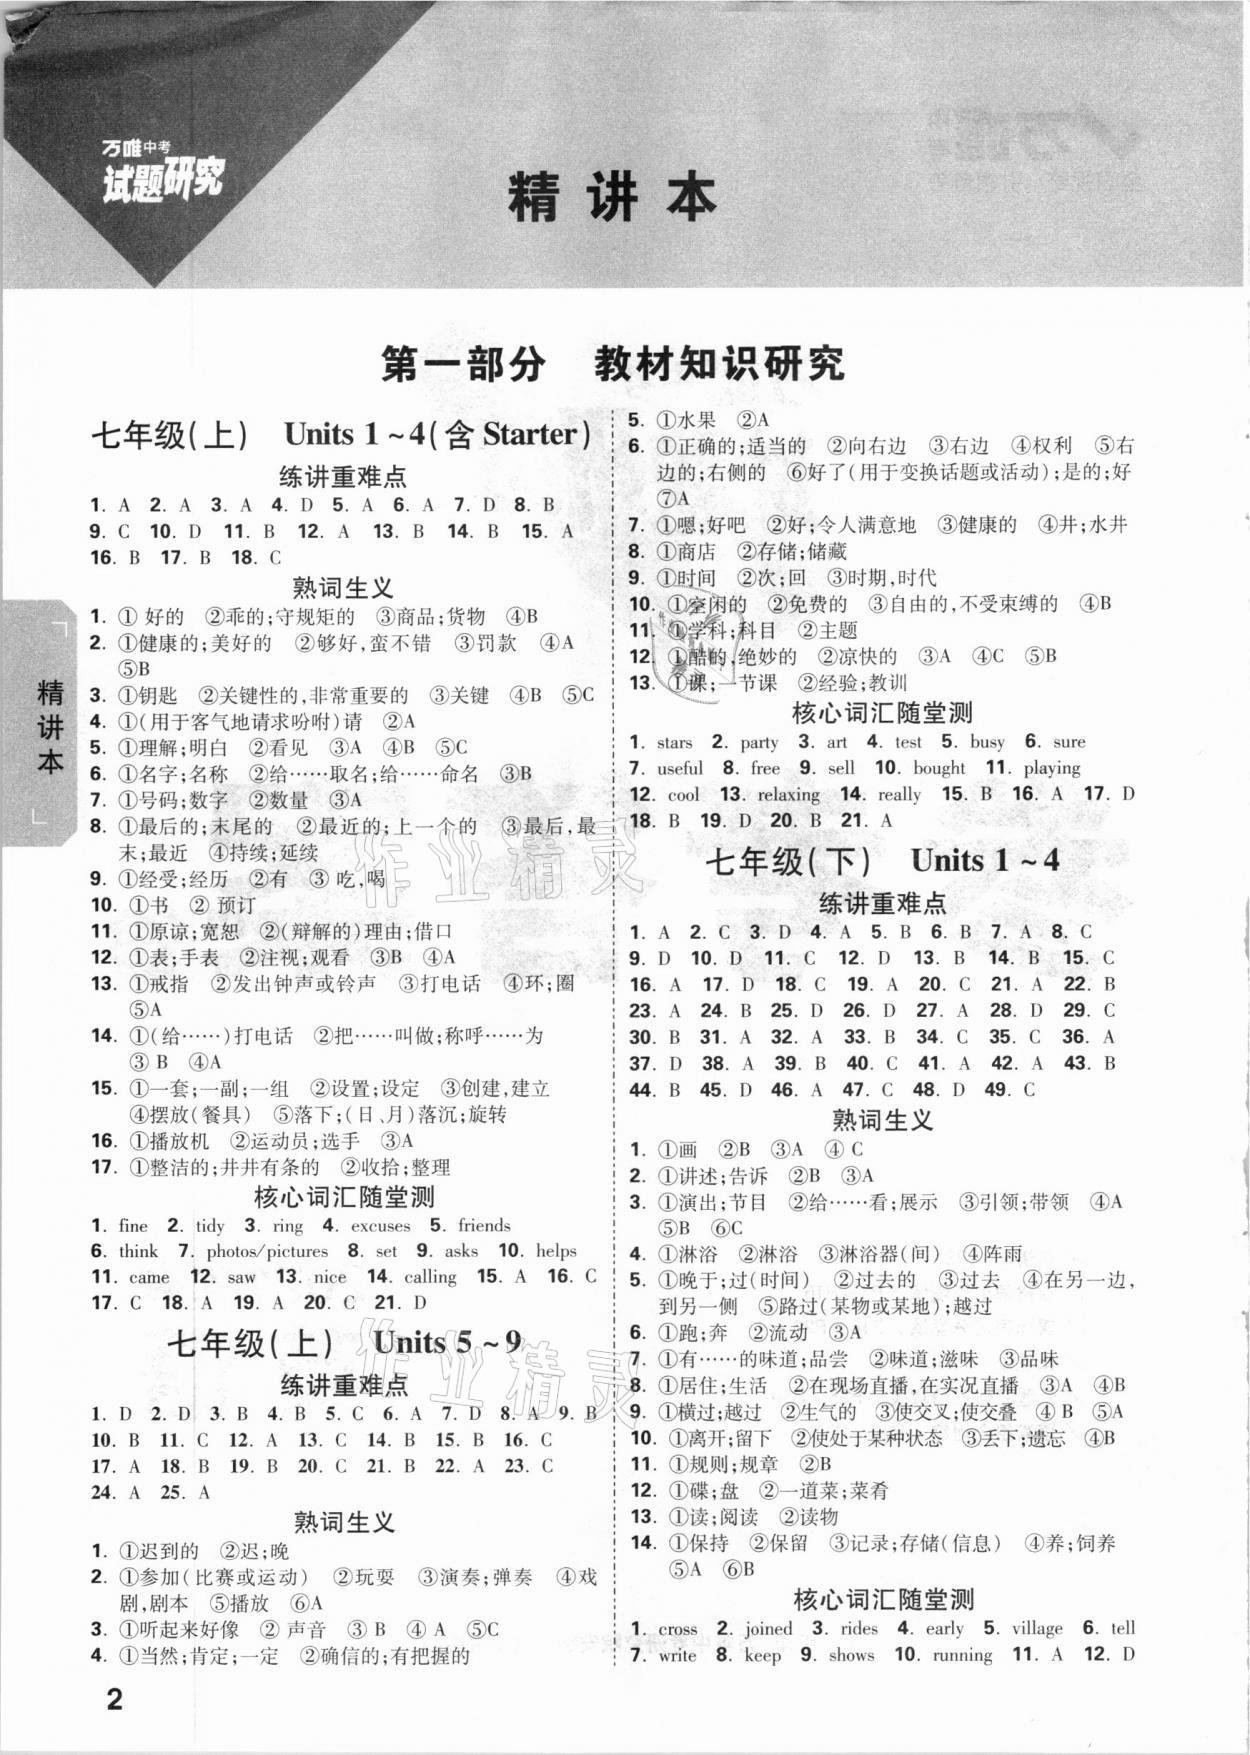 2021年万唯中考试题研究英语安徽专版参考答案第1页